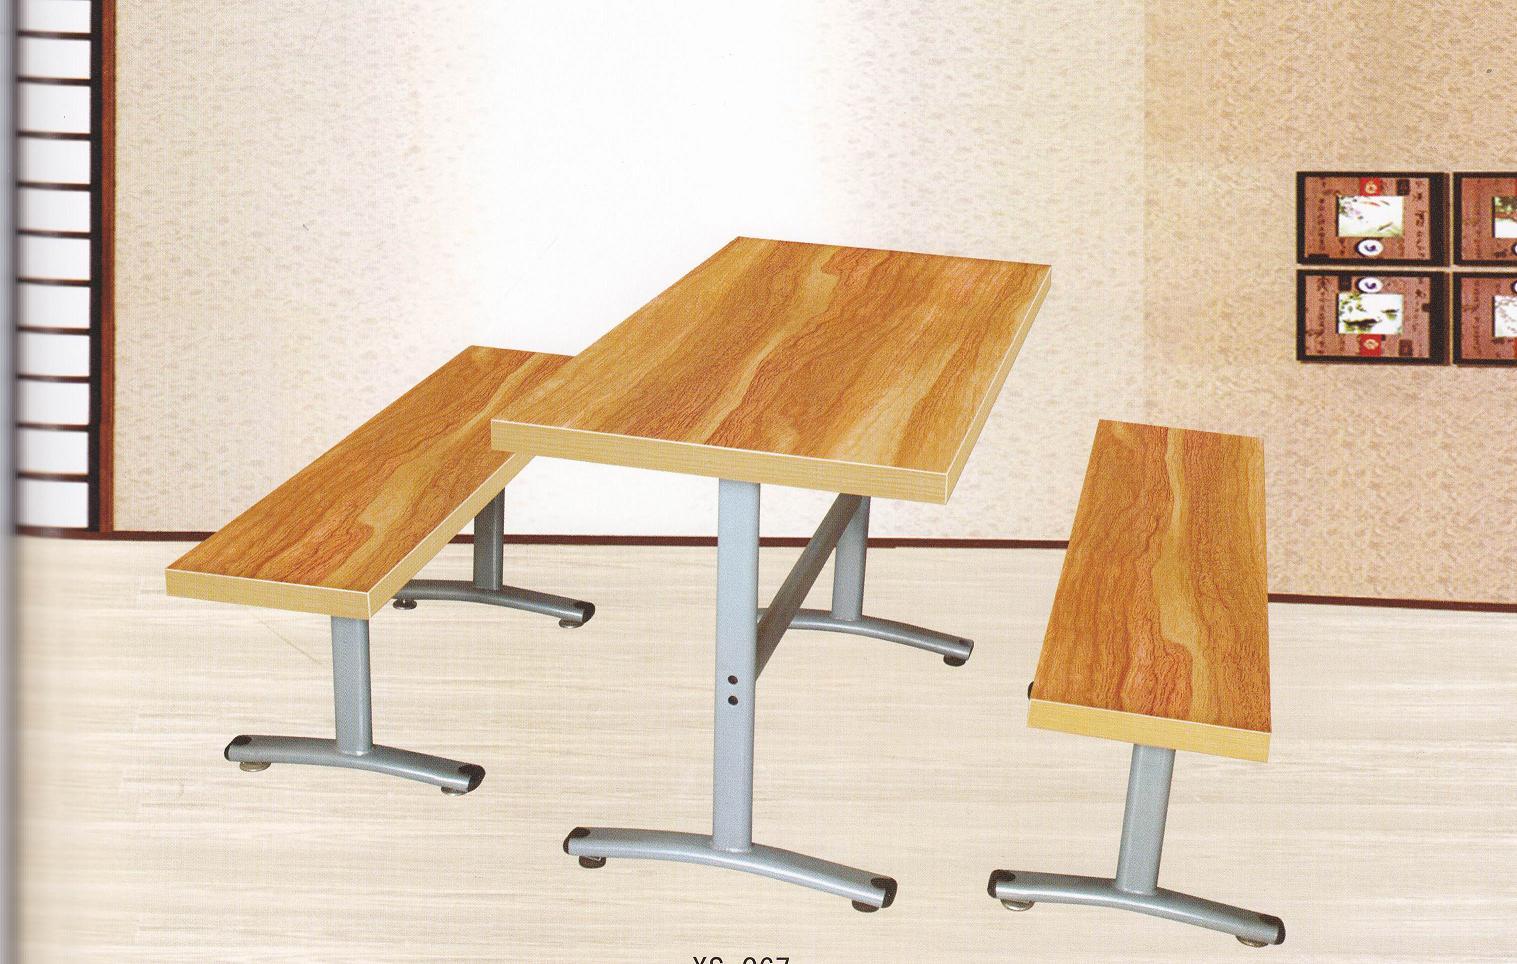 公司介绍:  霸州市胜芳镇新顺家具(葛经理 15075465558 )位于京、津、保三角中心的河北省霸州市胜芳镇,地理位置优越,交通运输极其便利。新顺家具自创建以来始终致力于生产优质的餐桌椅,产品覆盖餐台、餐椅、快餐桌、快餐椅、火锅桌、连体桌等系列产品。无论是产品的质量还是售后服务,均力求完善,精益求精。 ?